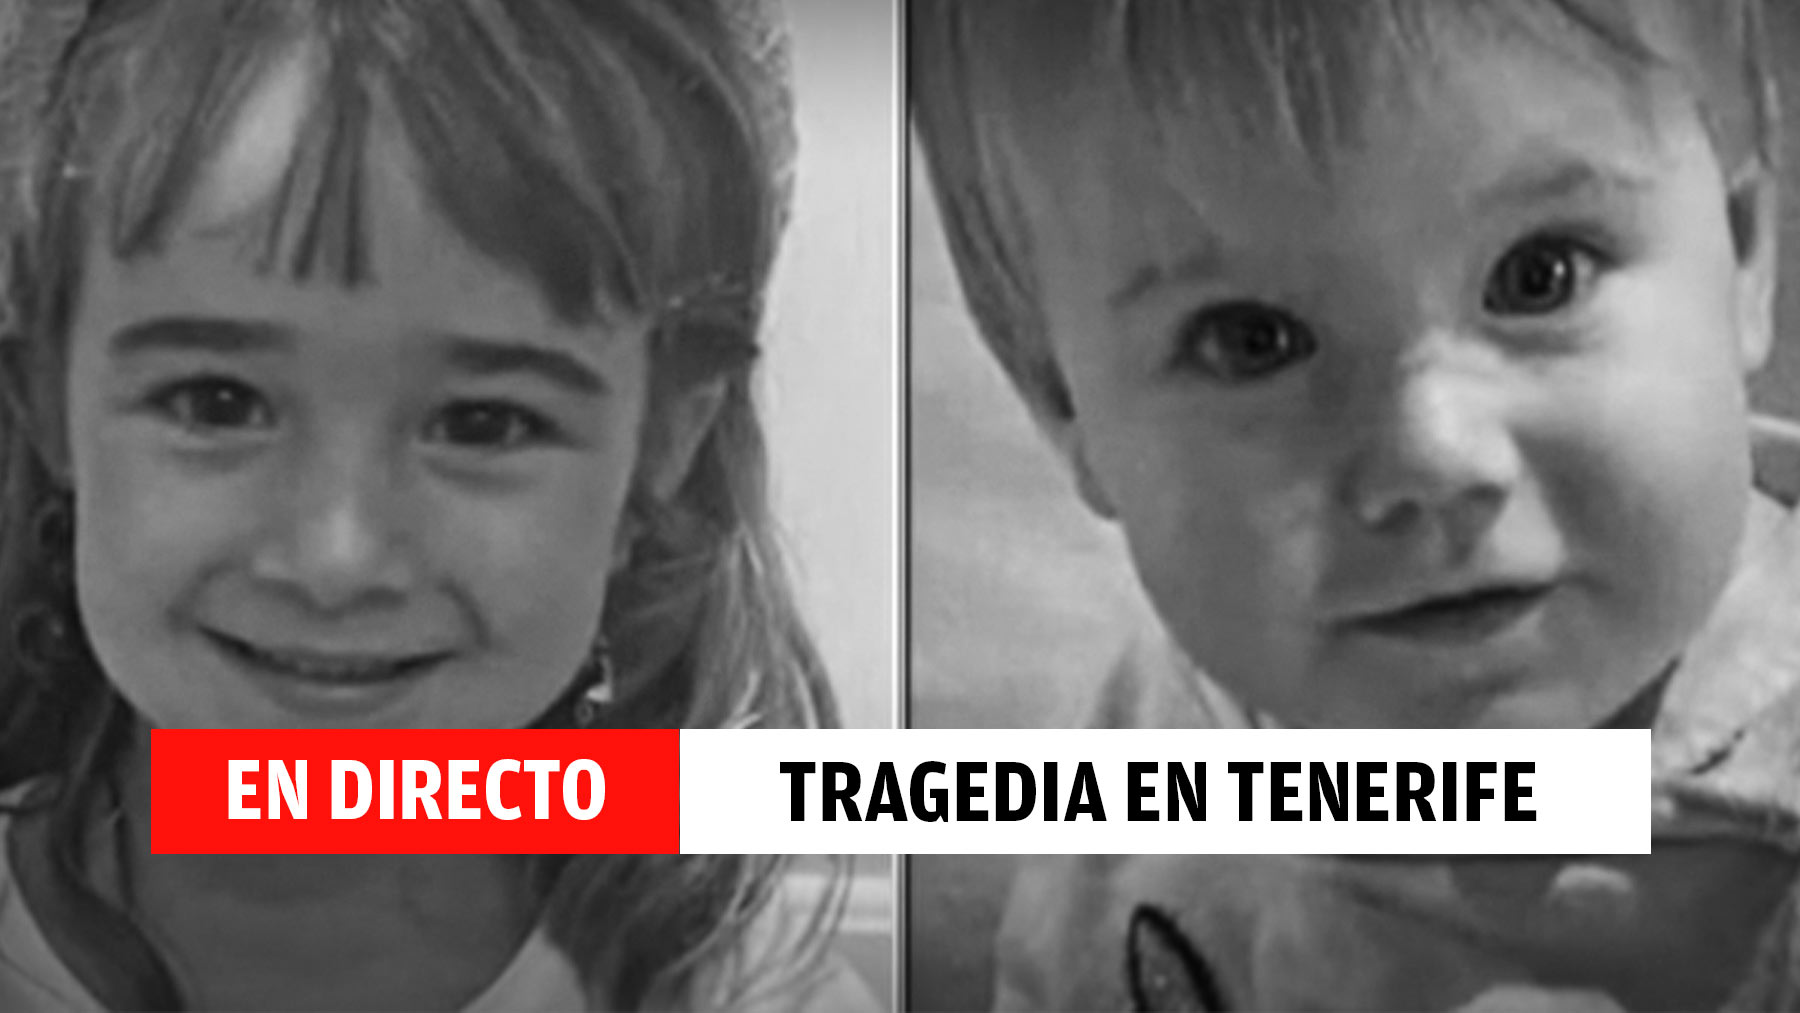 Toda la información sobre la tragedia en Tenerife, en directo